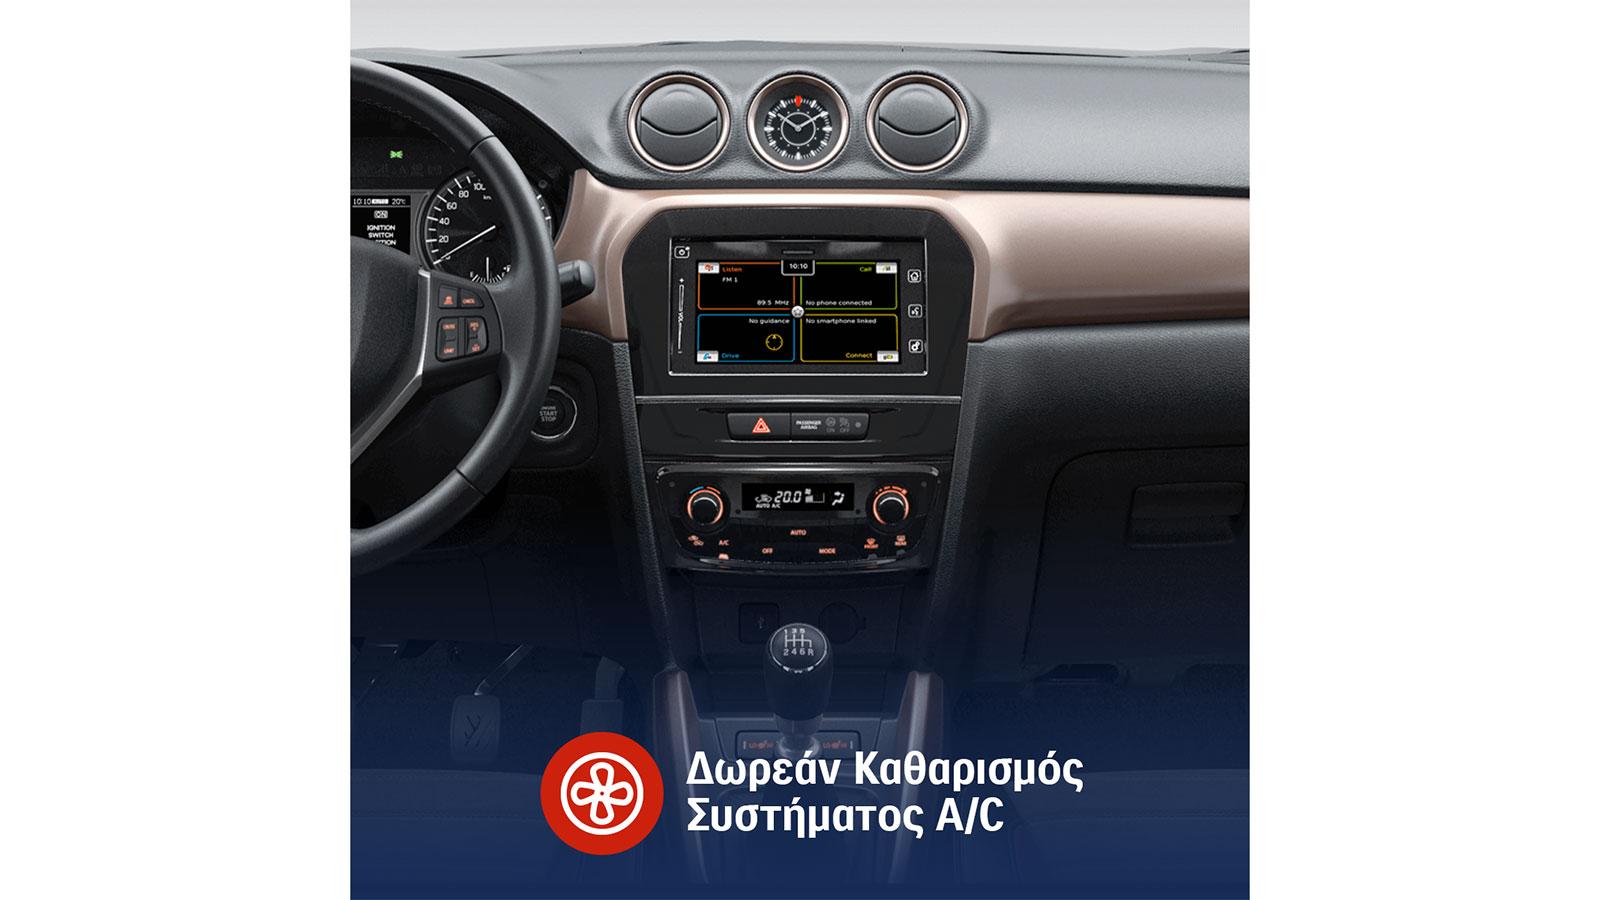 Οι καταρτισμένοι τεχνικοί σύμβουλοι και τα γνήσια φίλτρα της Suzuki θα βάλουν STOP σε ό,τι μπορεί να απειλήσει το ασφαλές και υγιεινό περιβάλλον της καμπίνας του αγαπημένου σας αυτοκινήτου, ενώ παράλληλα με τον καθαρισμό θα δώσουν καλύτερη πνοή στο Air Condition ώστε να αποδίδει στο maximum.